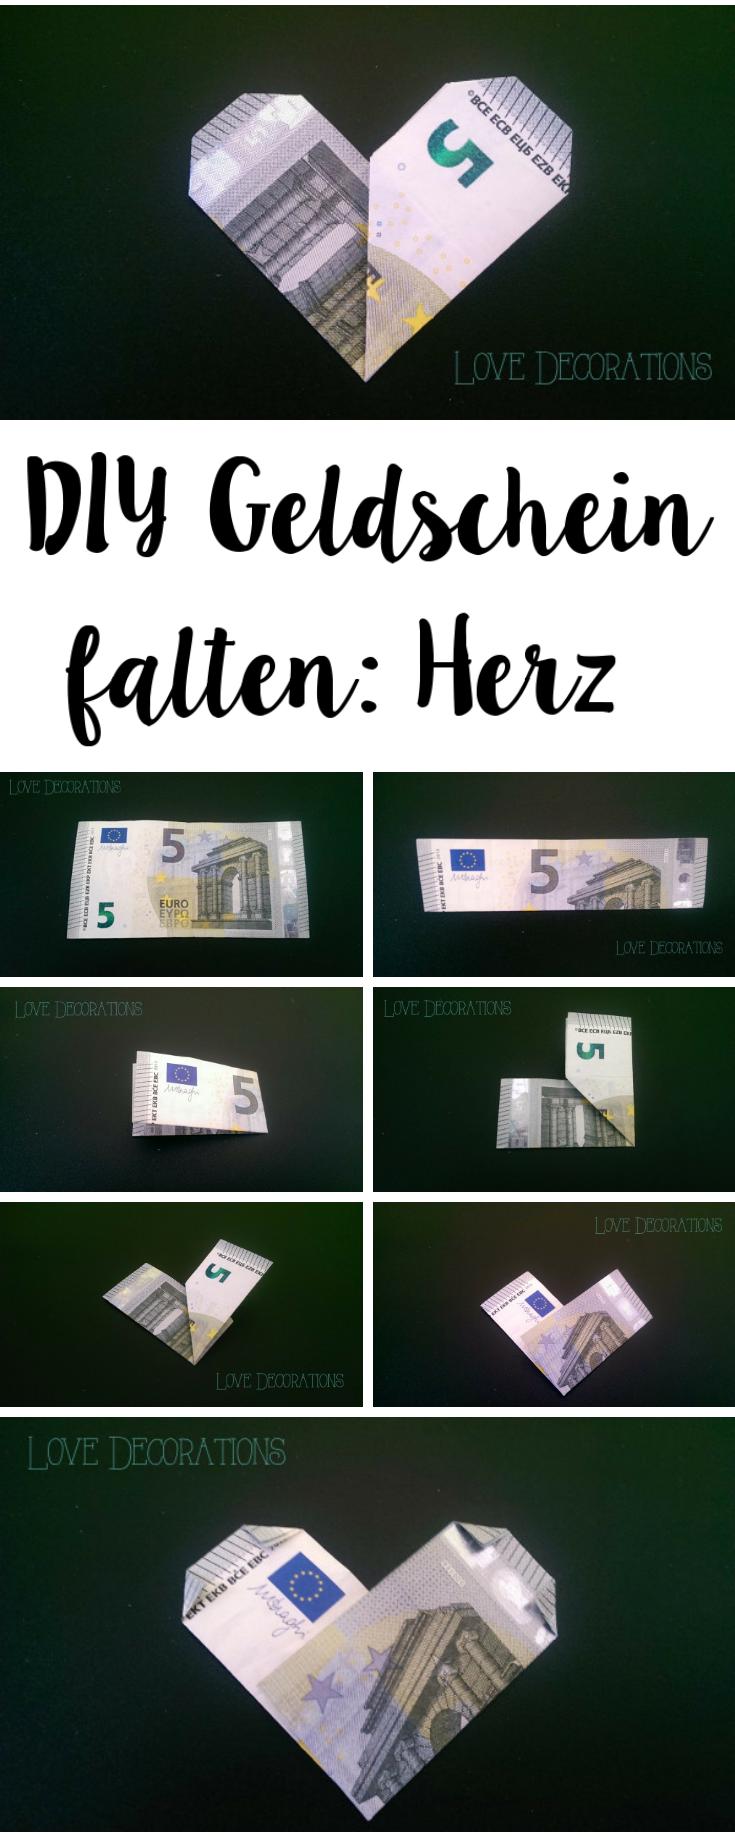 Geldschein falten: Herz – Love Decorations